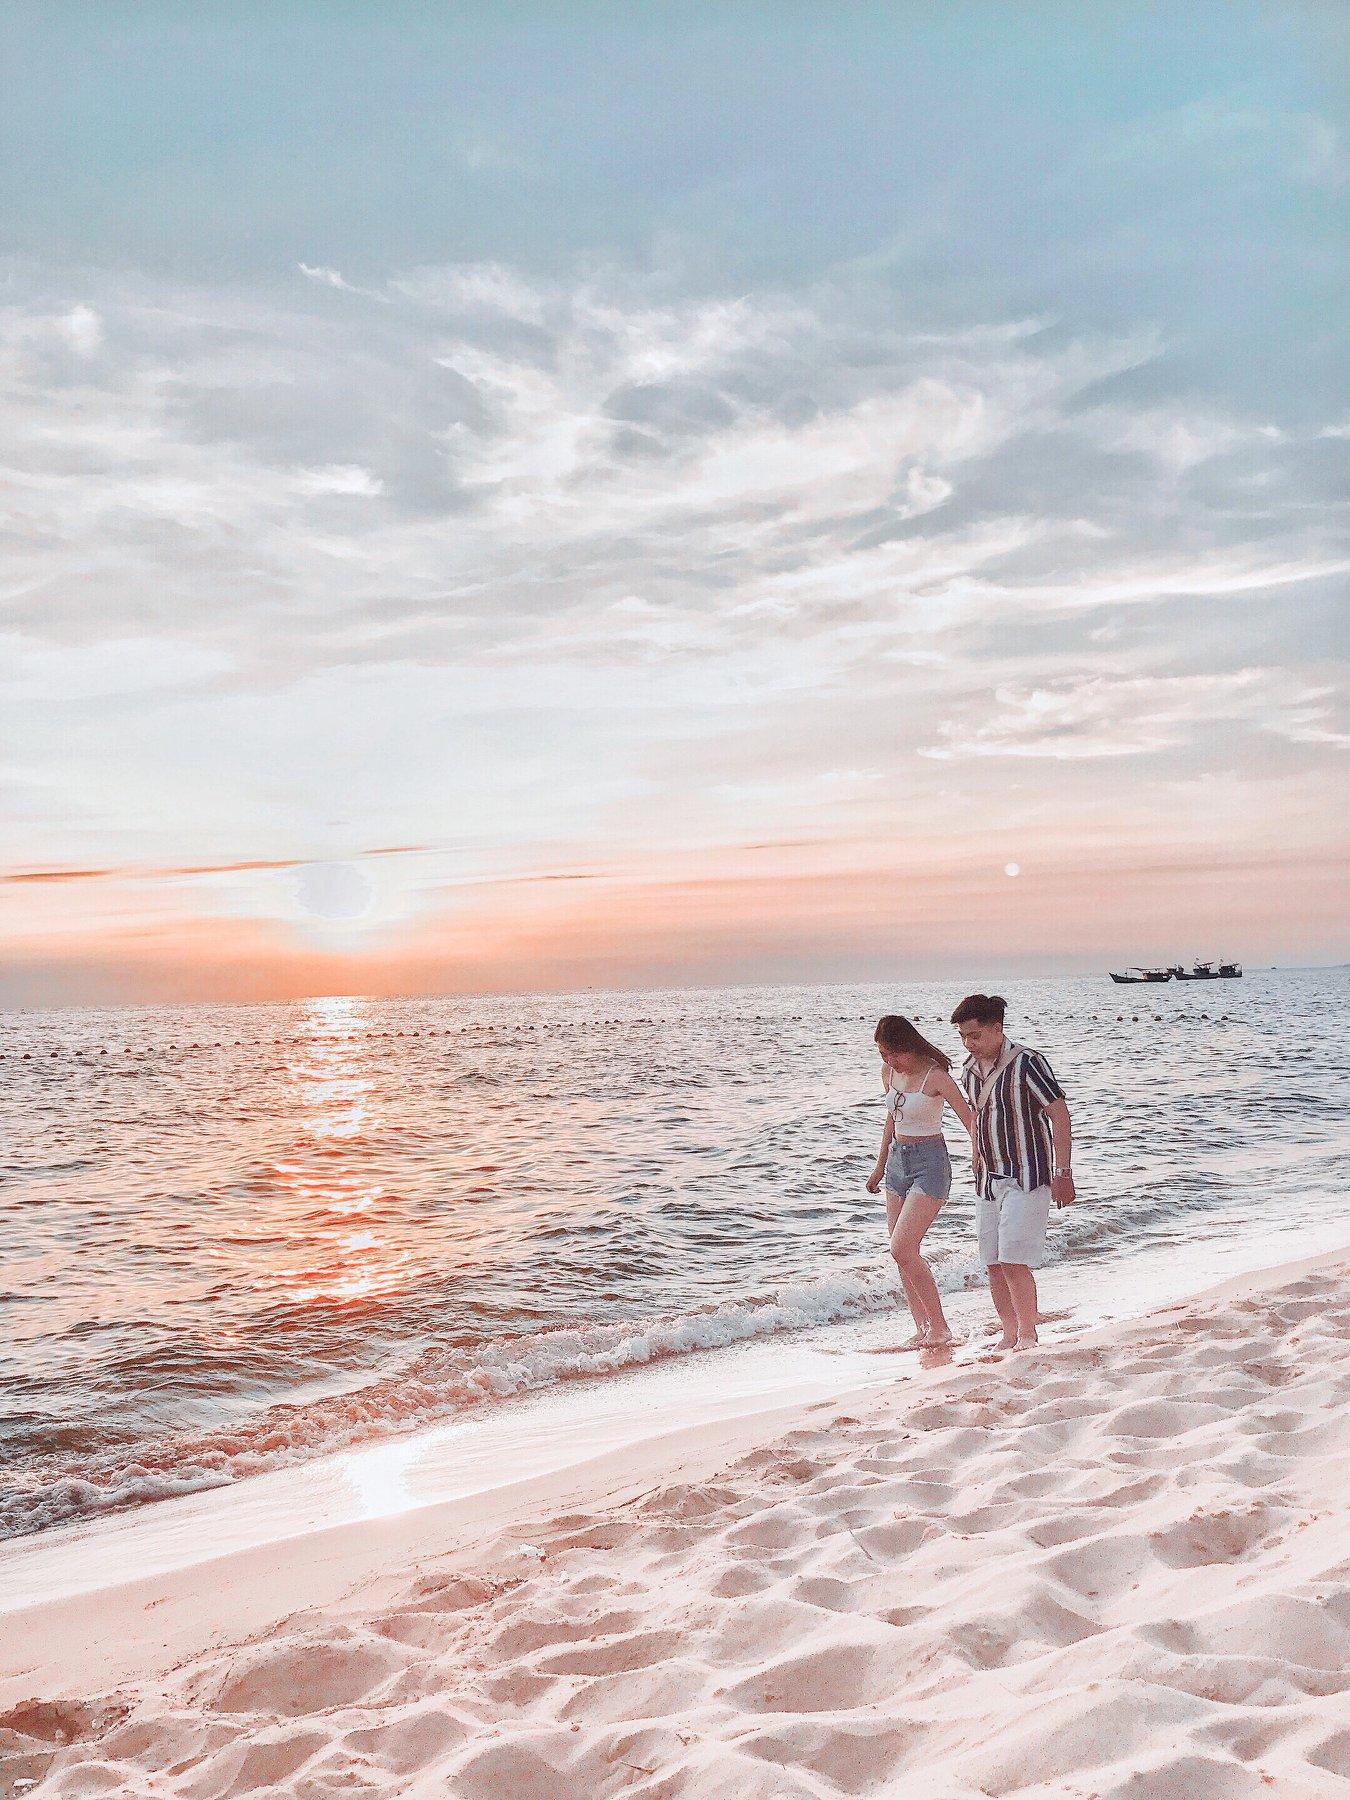 Tour du lịch Phú Quốc từ Hải Phòng: Trải nghiệm thiên đường nghỉ dưỡng số một Việt Nam - Ảnh 12.